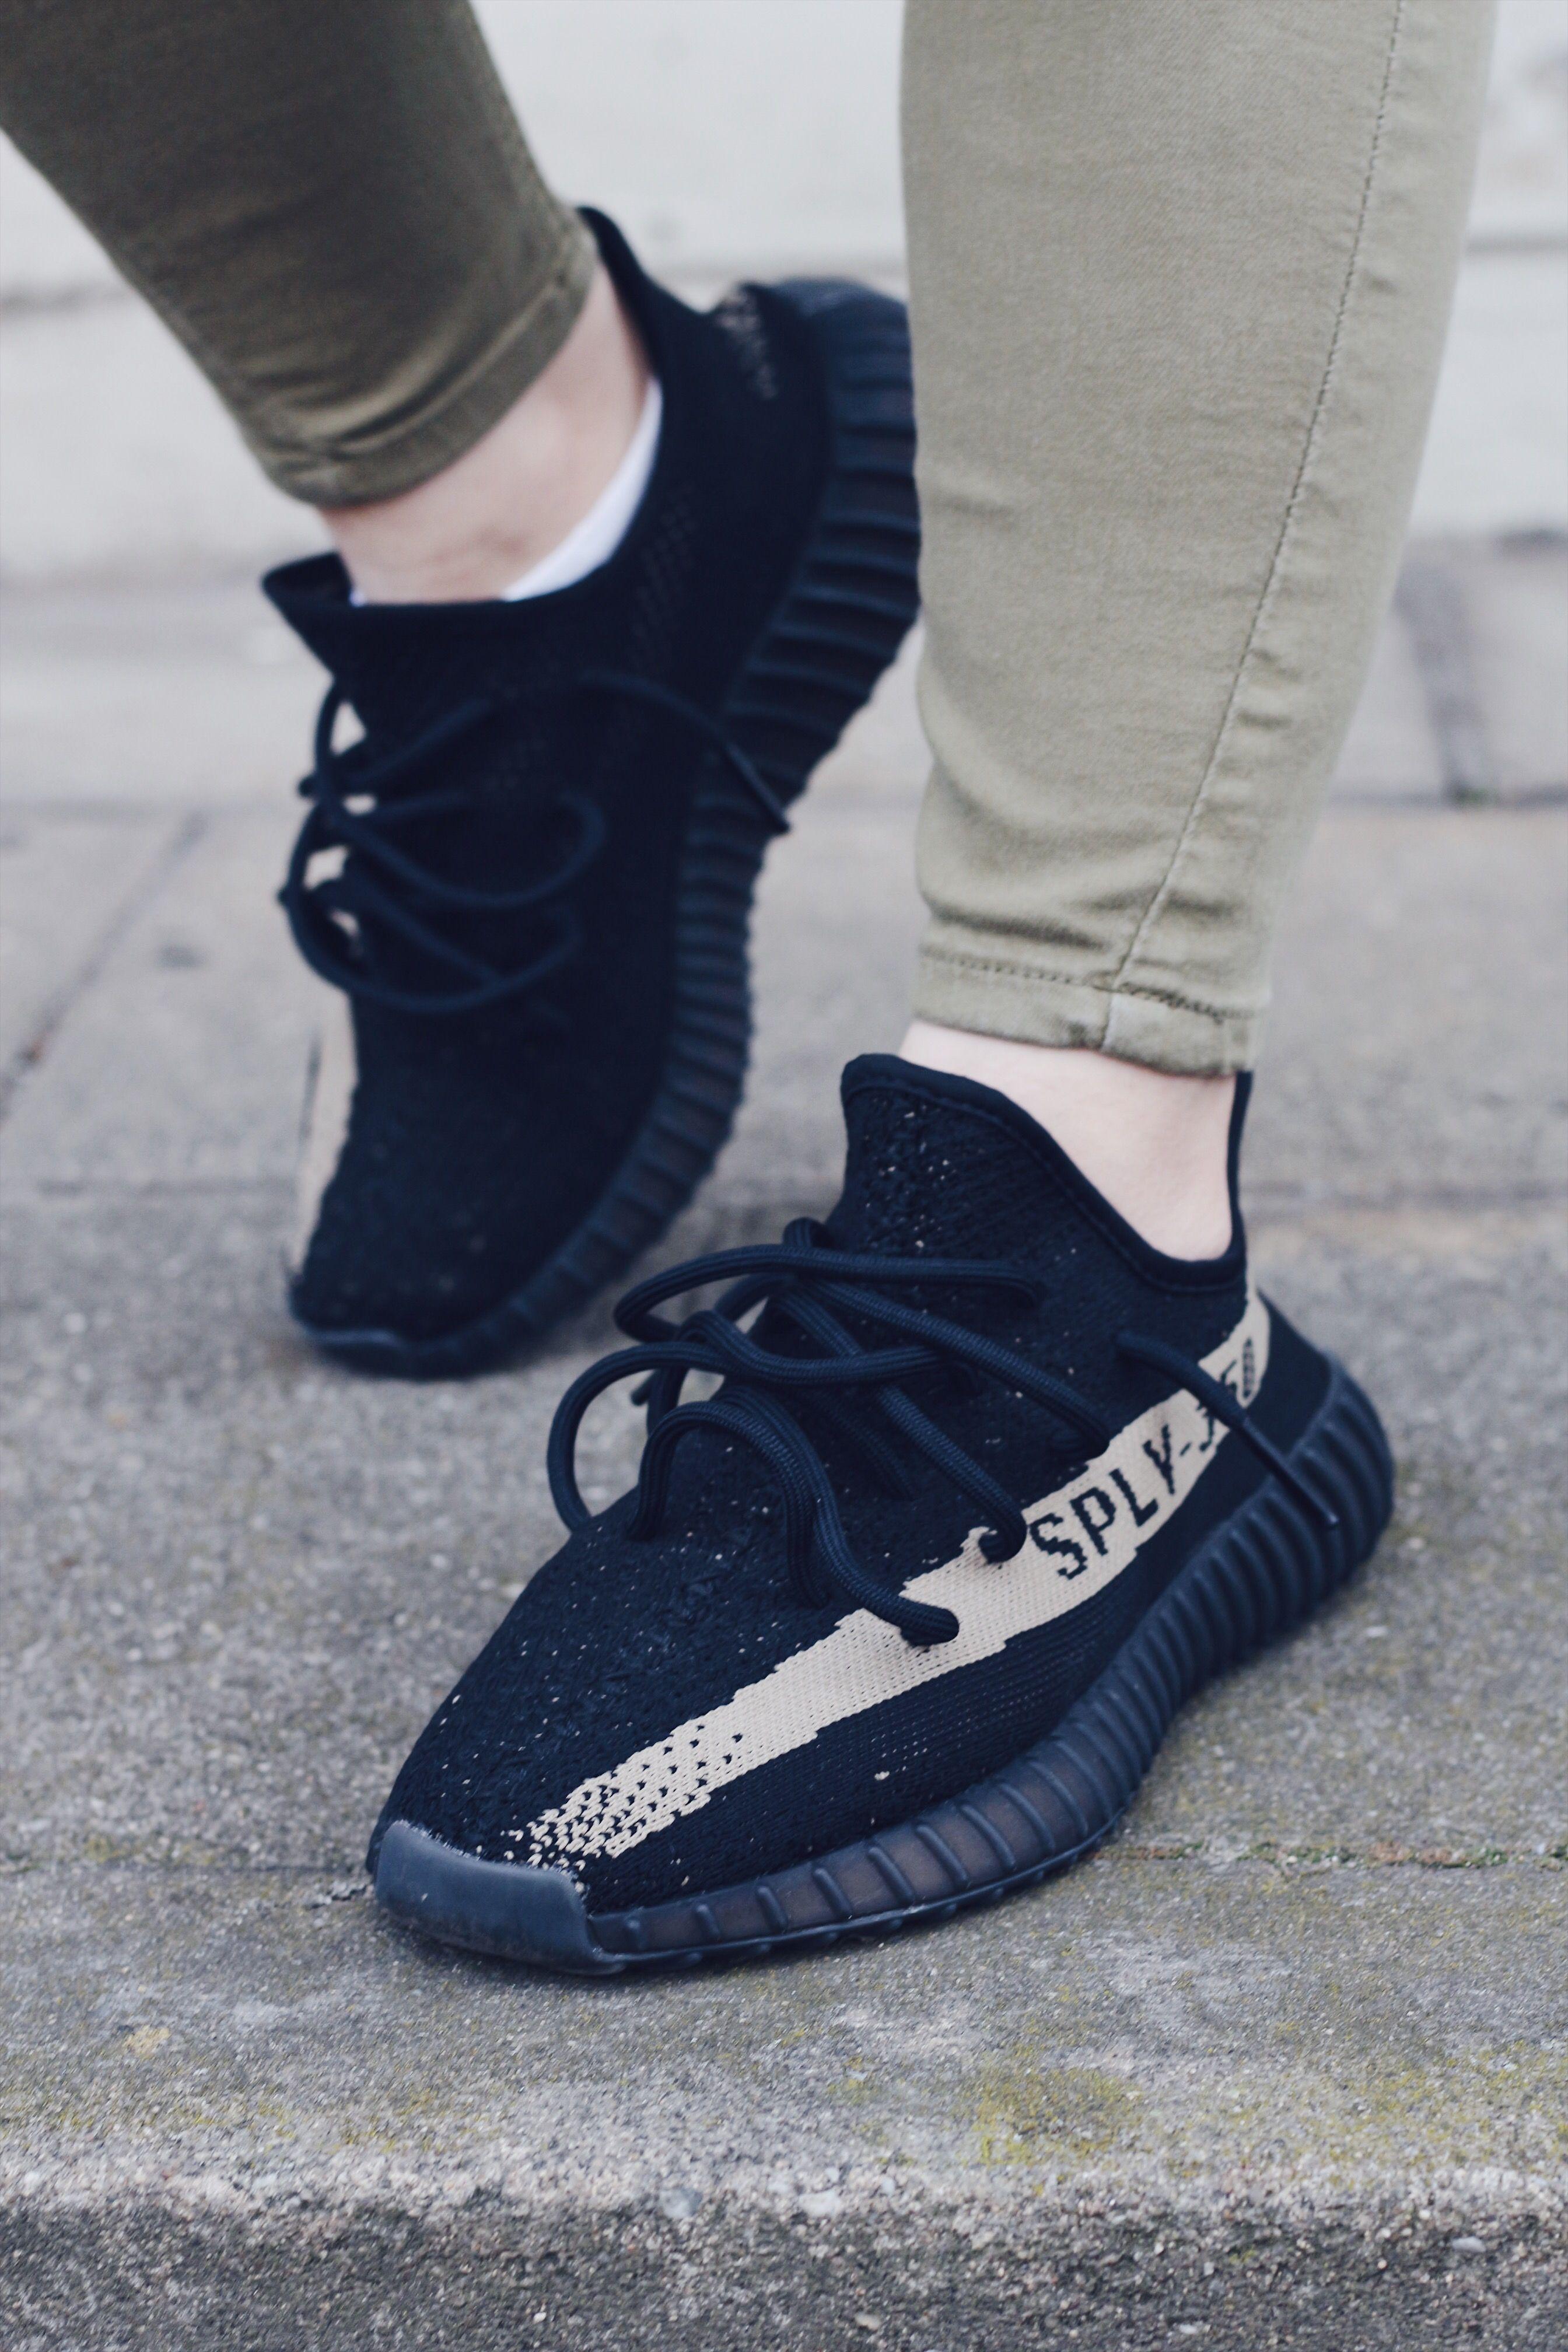 Die Adidas Yeezy Boost 350 Green sind das absolute Herzstück meiner  Sneakersammlung! | Stephis Stories